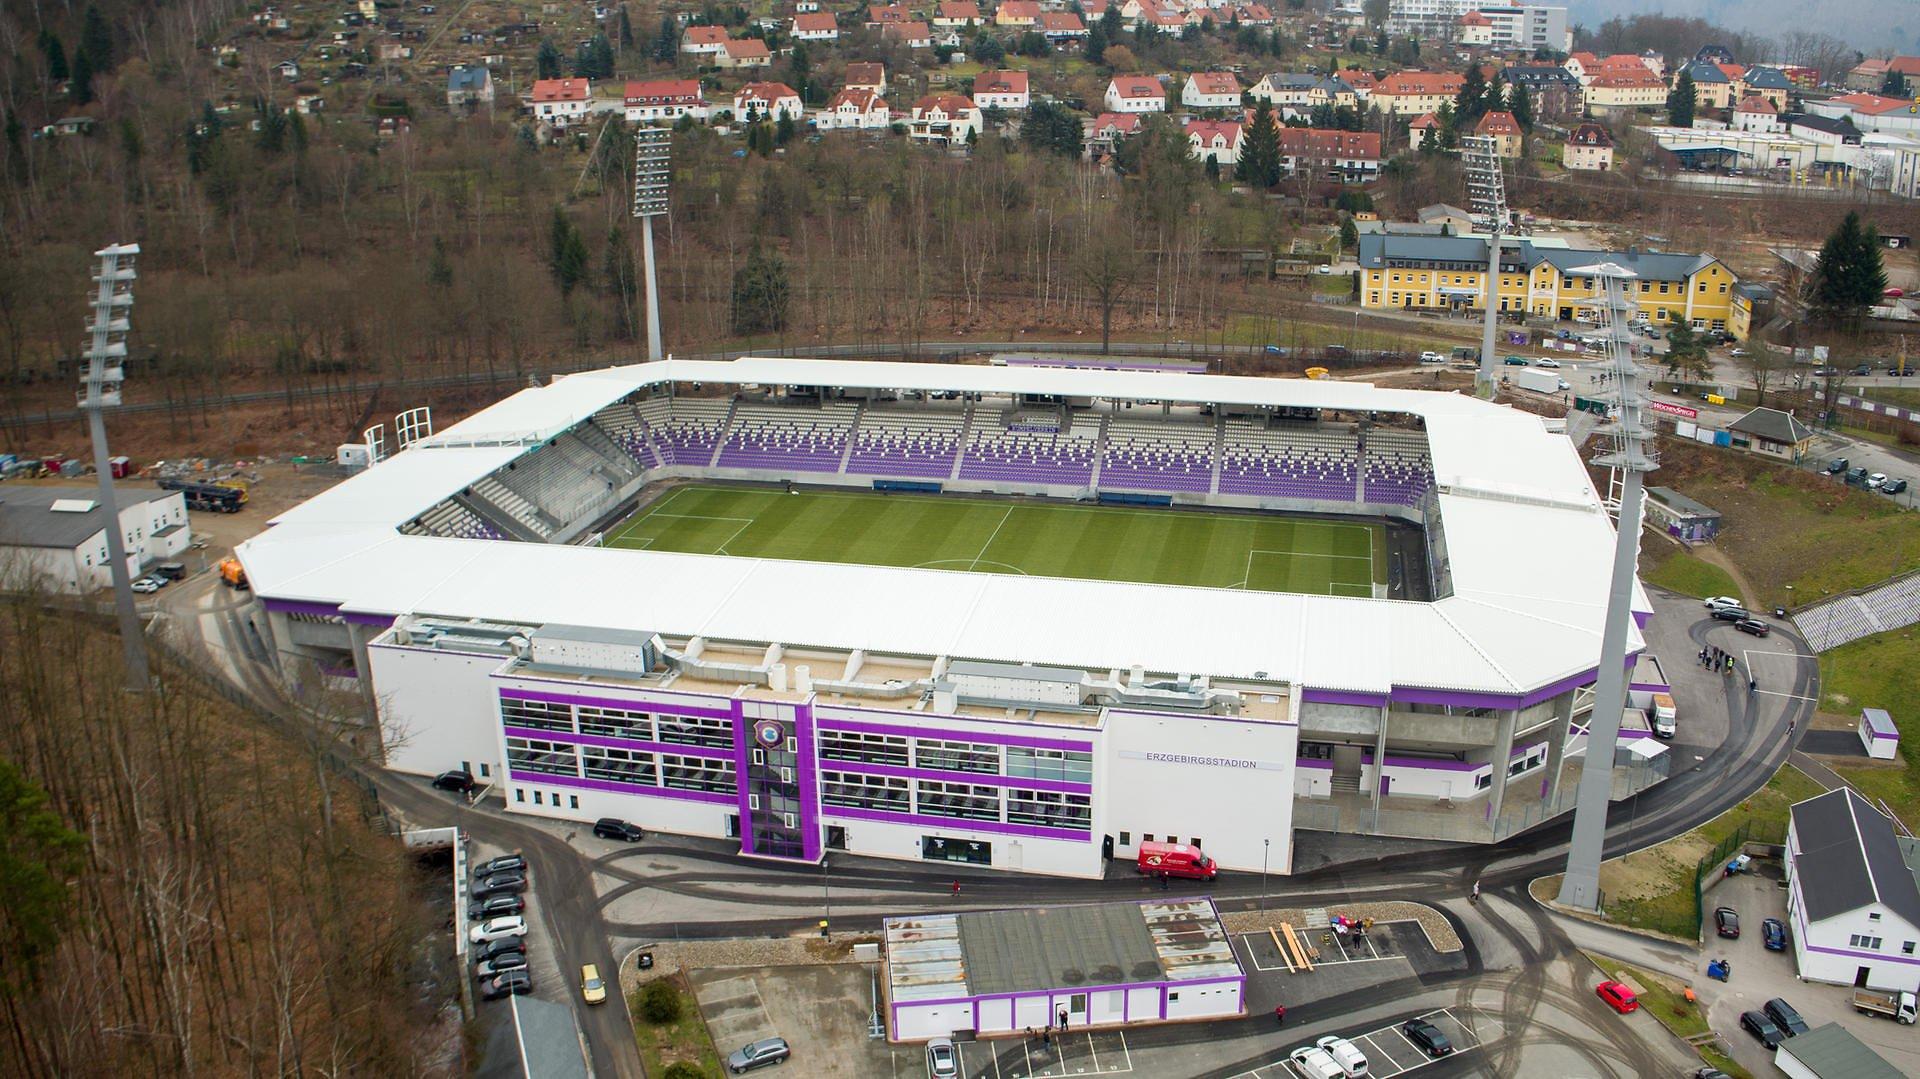 Neues Aue Stadion